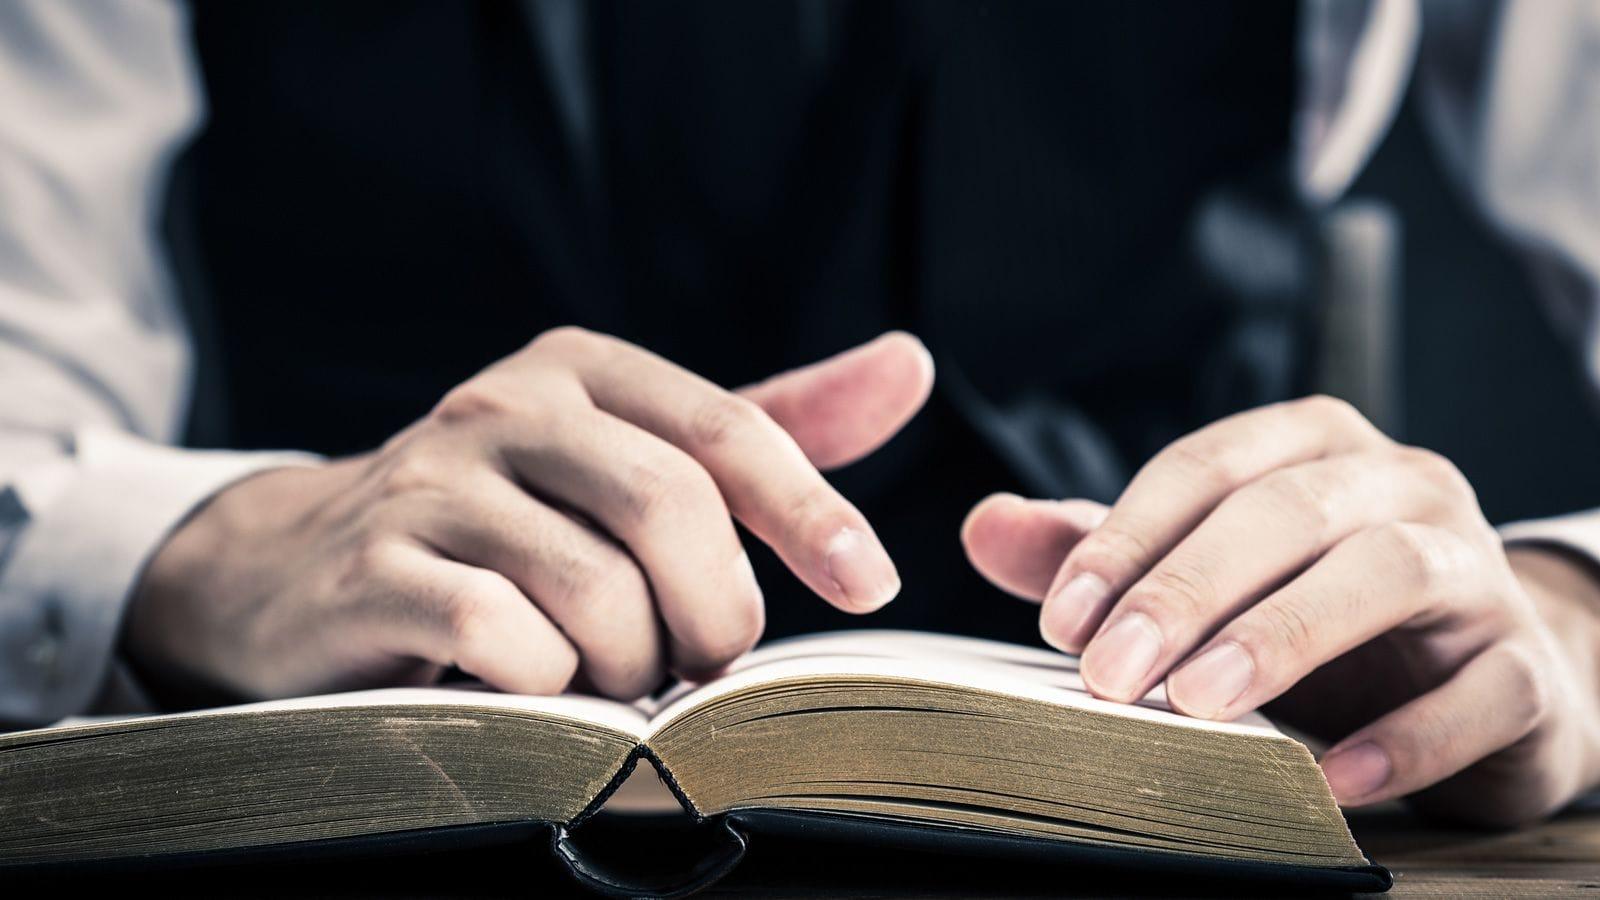 「英語の長文」が読めるようになる意外なコツ | 英語学習